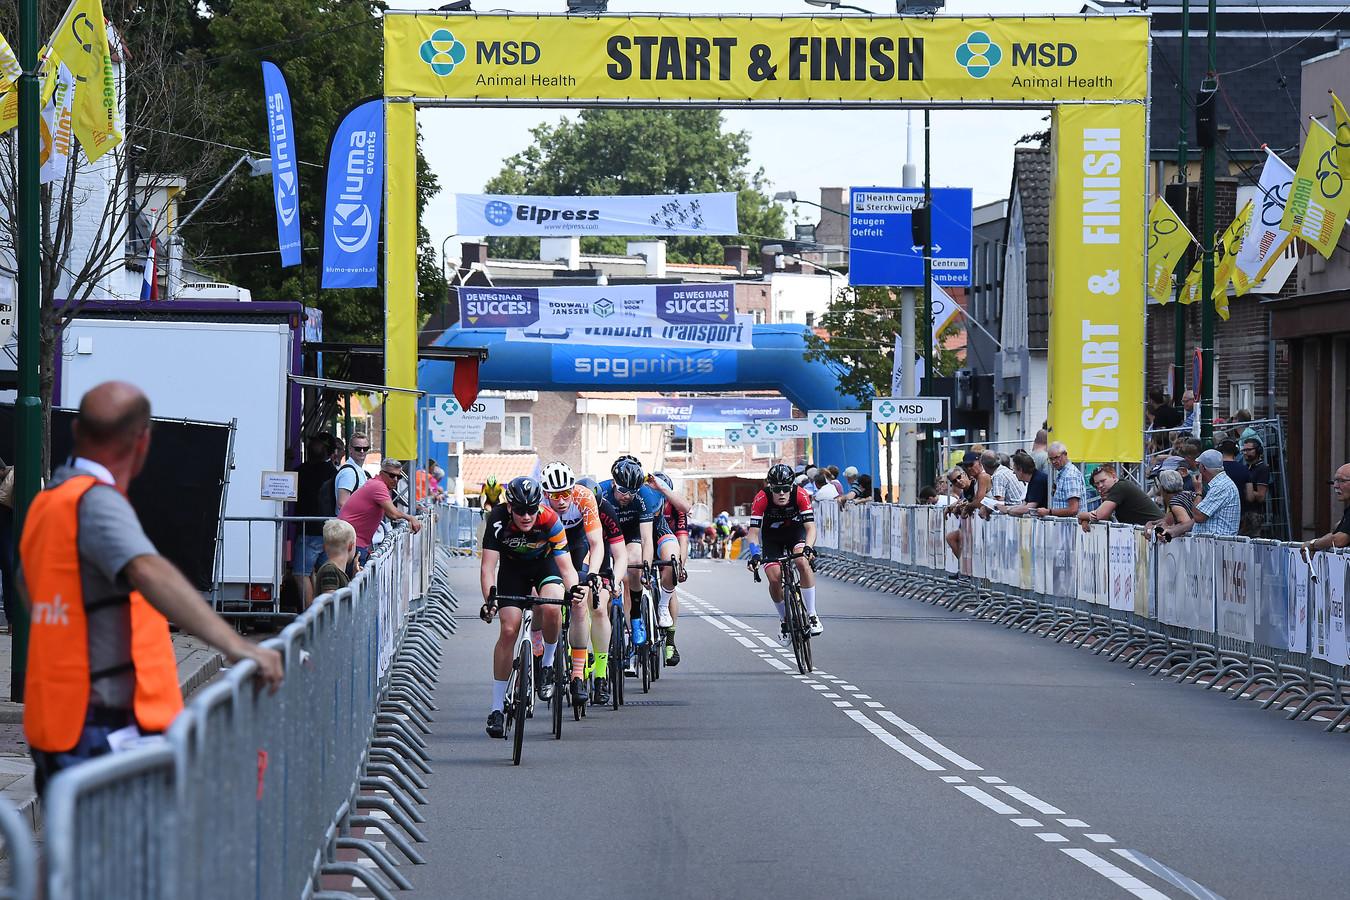 De finishlijn van Daags na de Tour: al jaren op dezelfde plek in de Spoorstraat. Dit is de laatste verreden editie, in 2019. Vorig jaar ging het criterium vanwege corona niet door.